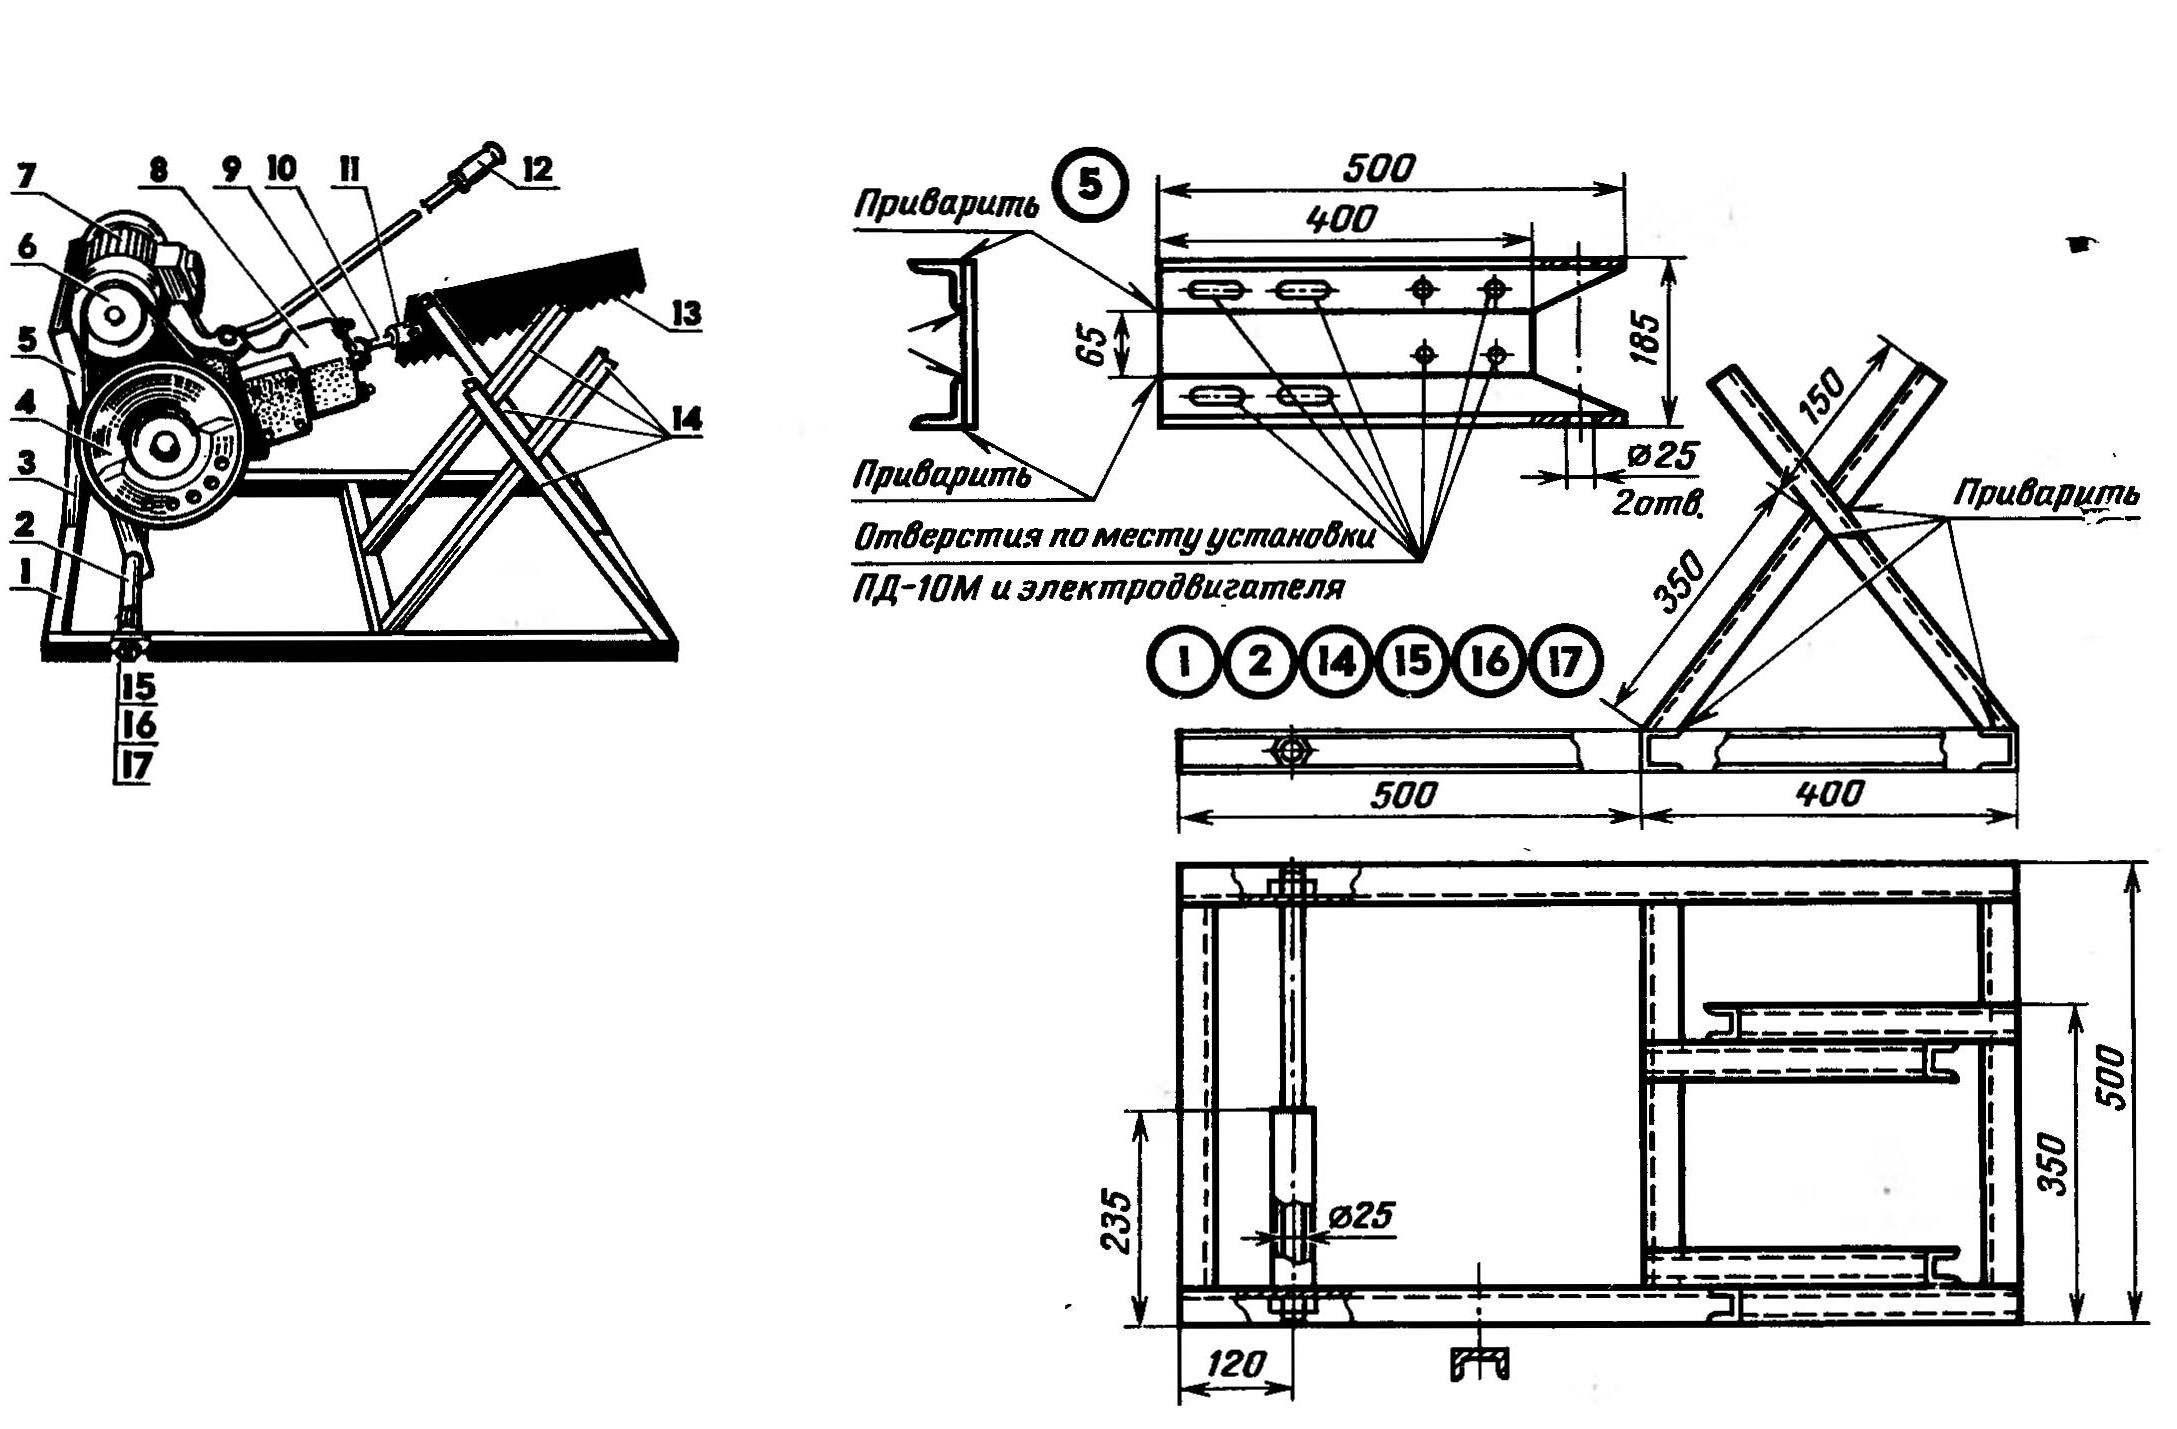 Электрический пильщик — дровосек (вариант)